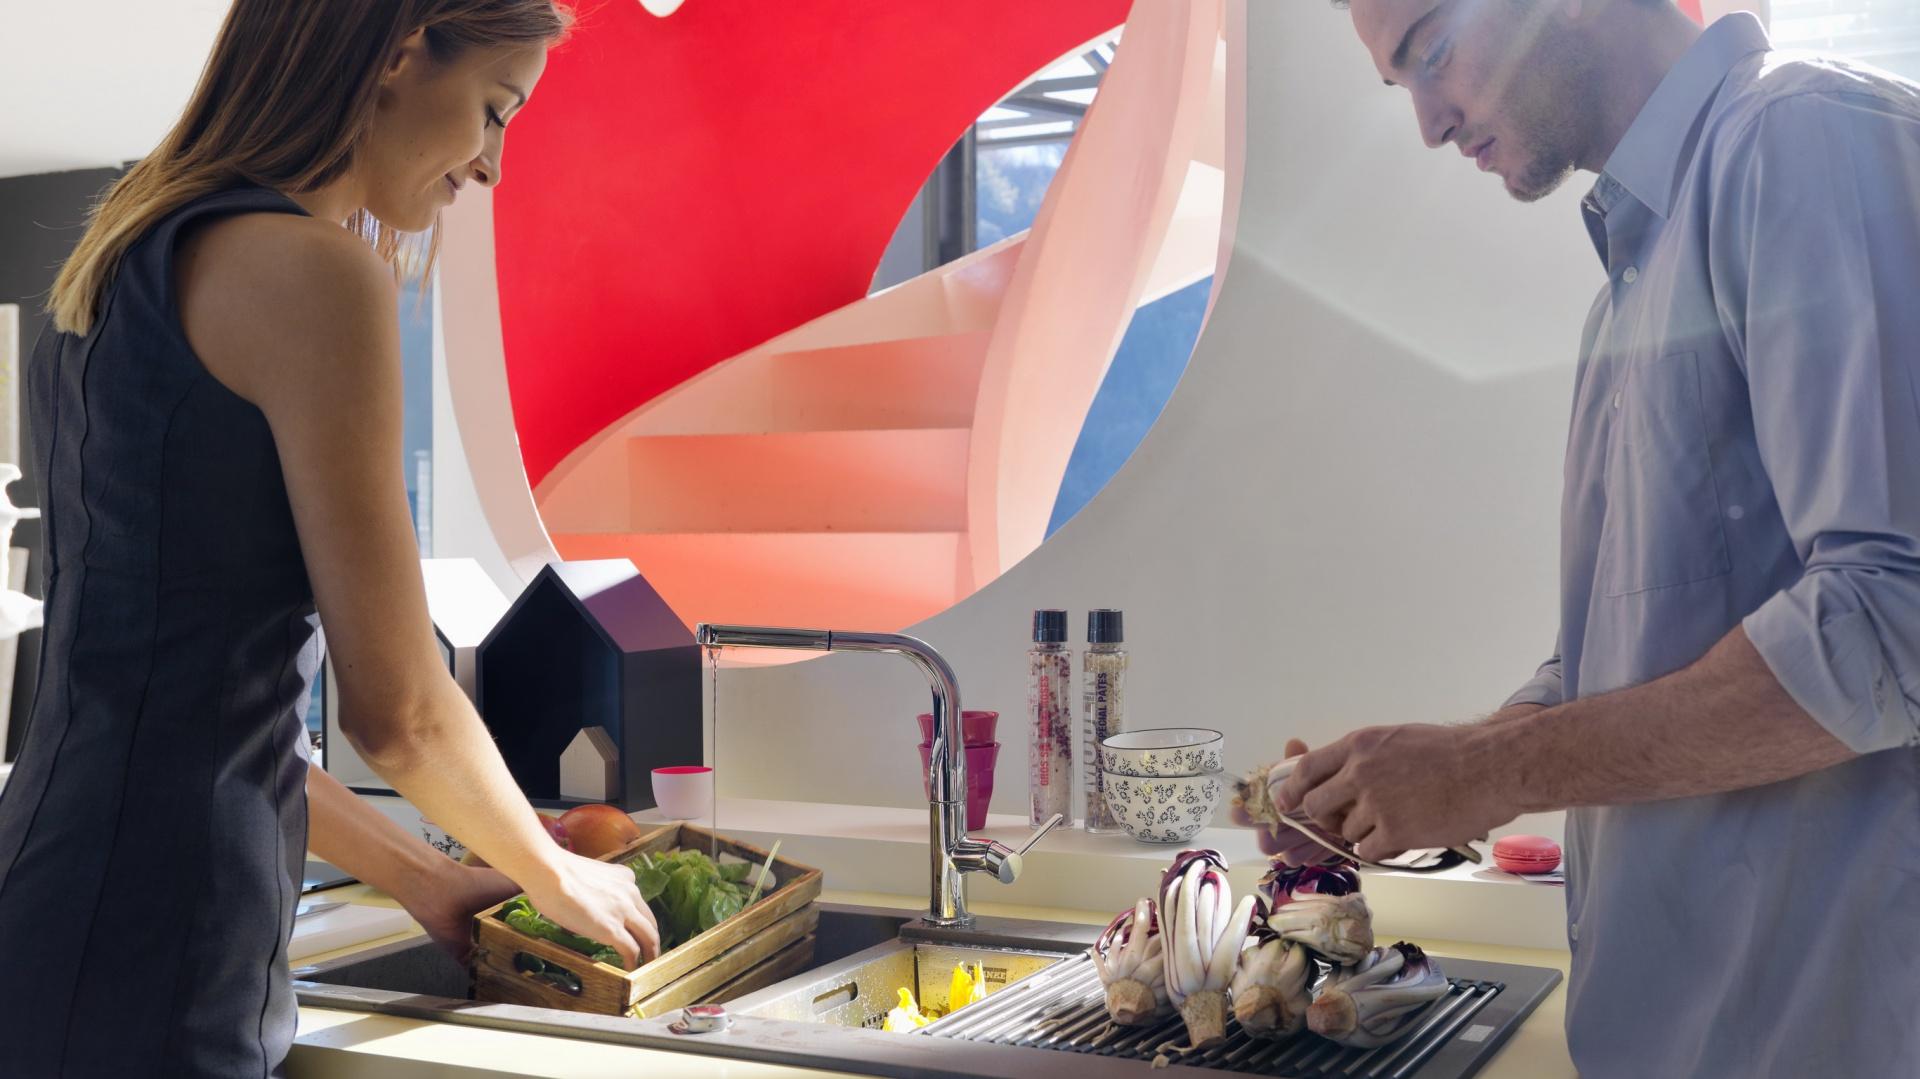 Powściągliwa, klasyczna forma zlewozmywaka Maris wykonanego z materiału Fraganit+ idealnie pasuje do przestronnych, nowoczesnych kuchni. Sprawdzi się również w mniejszych przestrzeniach. Ergonomiczna i elegancka bateria Sinos stanowi doskonałe uzupełnienie zlewozmywaka Maris. Fot. Franke.